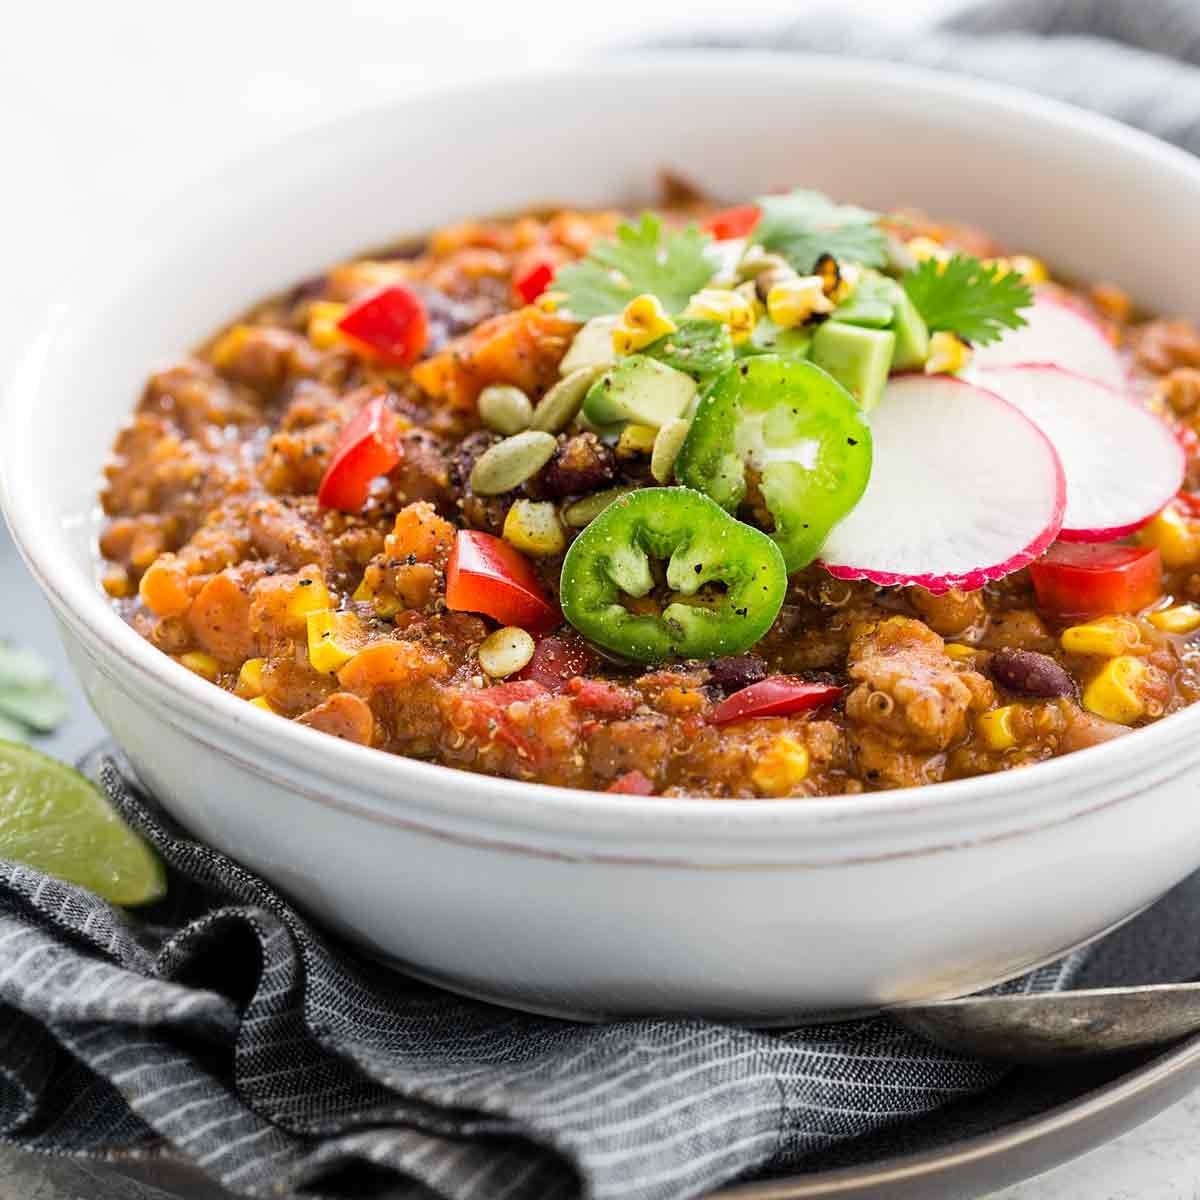 Instant Pot Turkey Chili With Quinoa Jessica Gavin